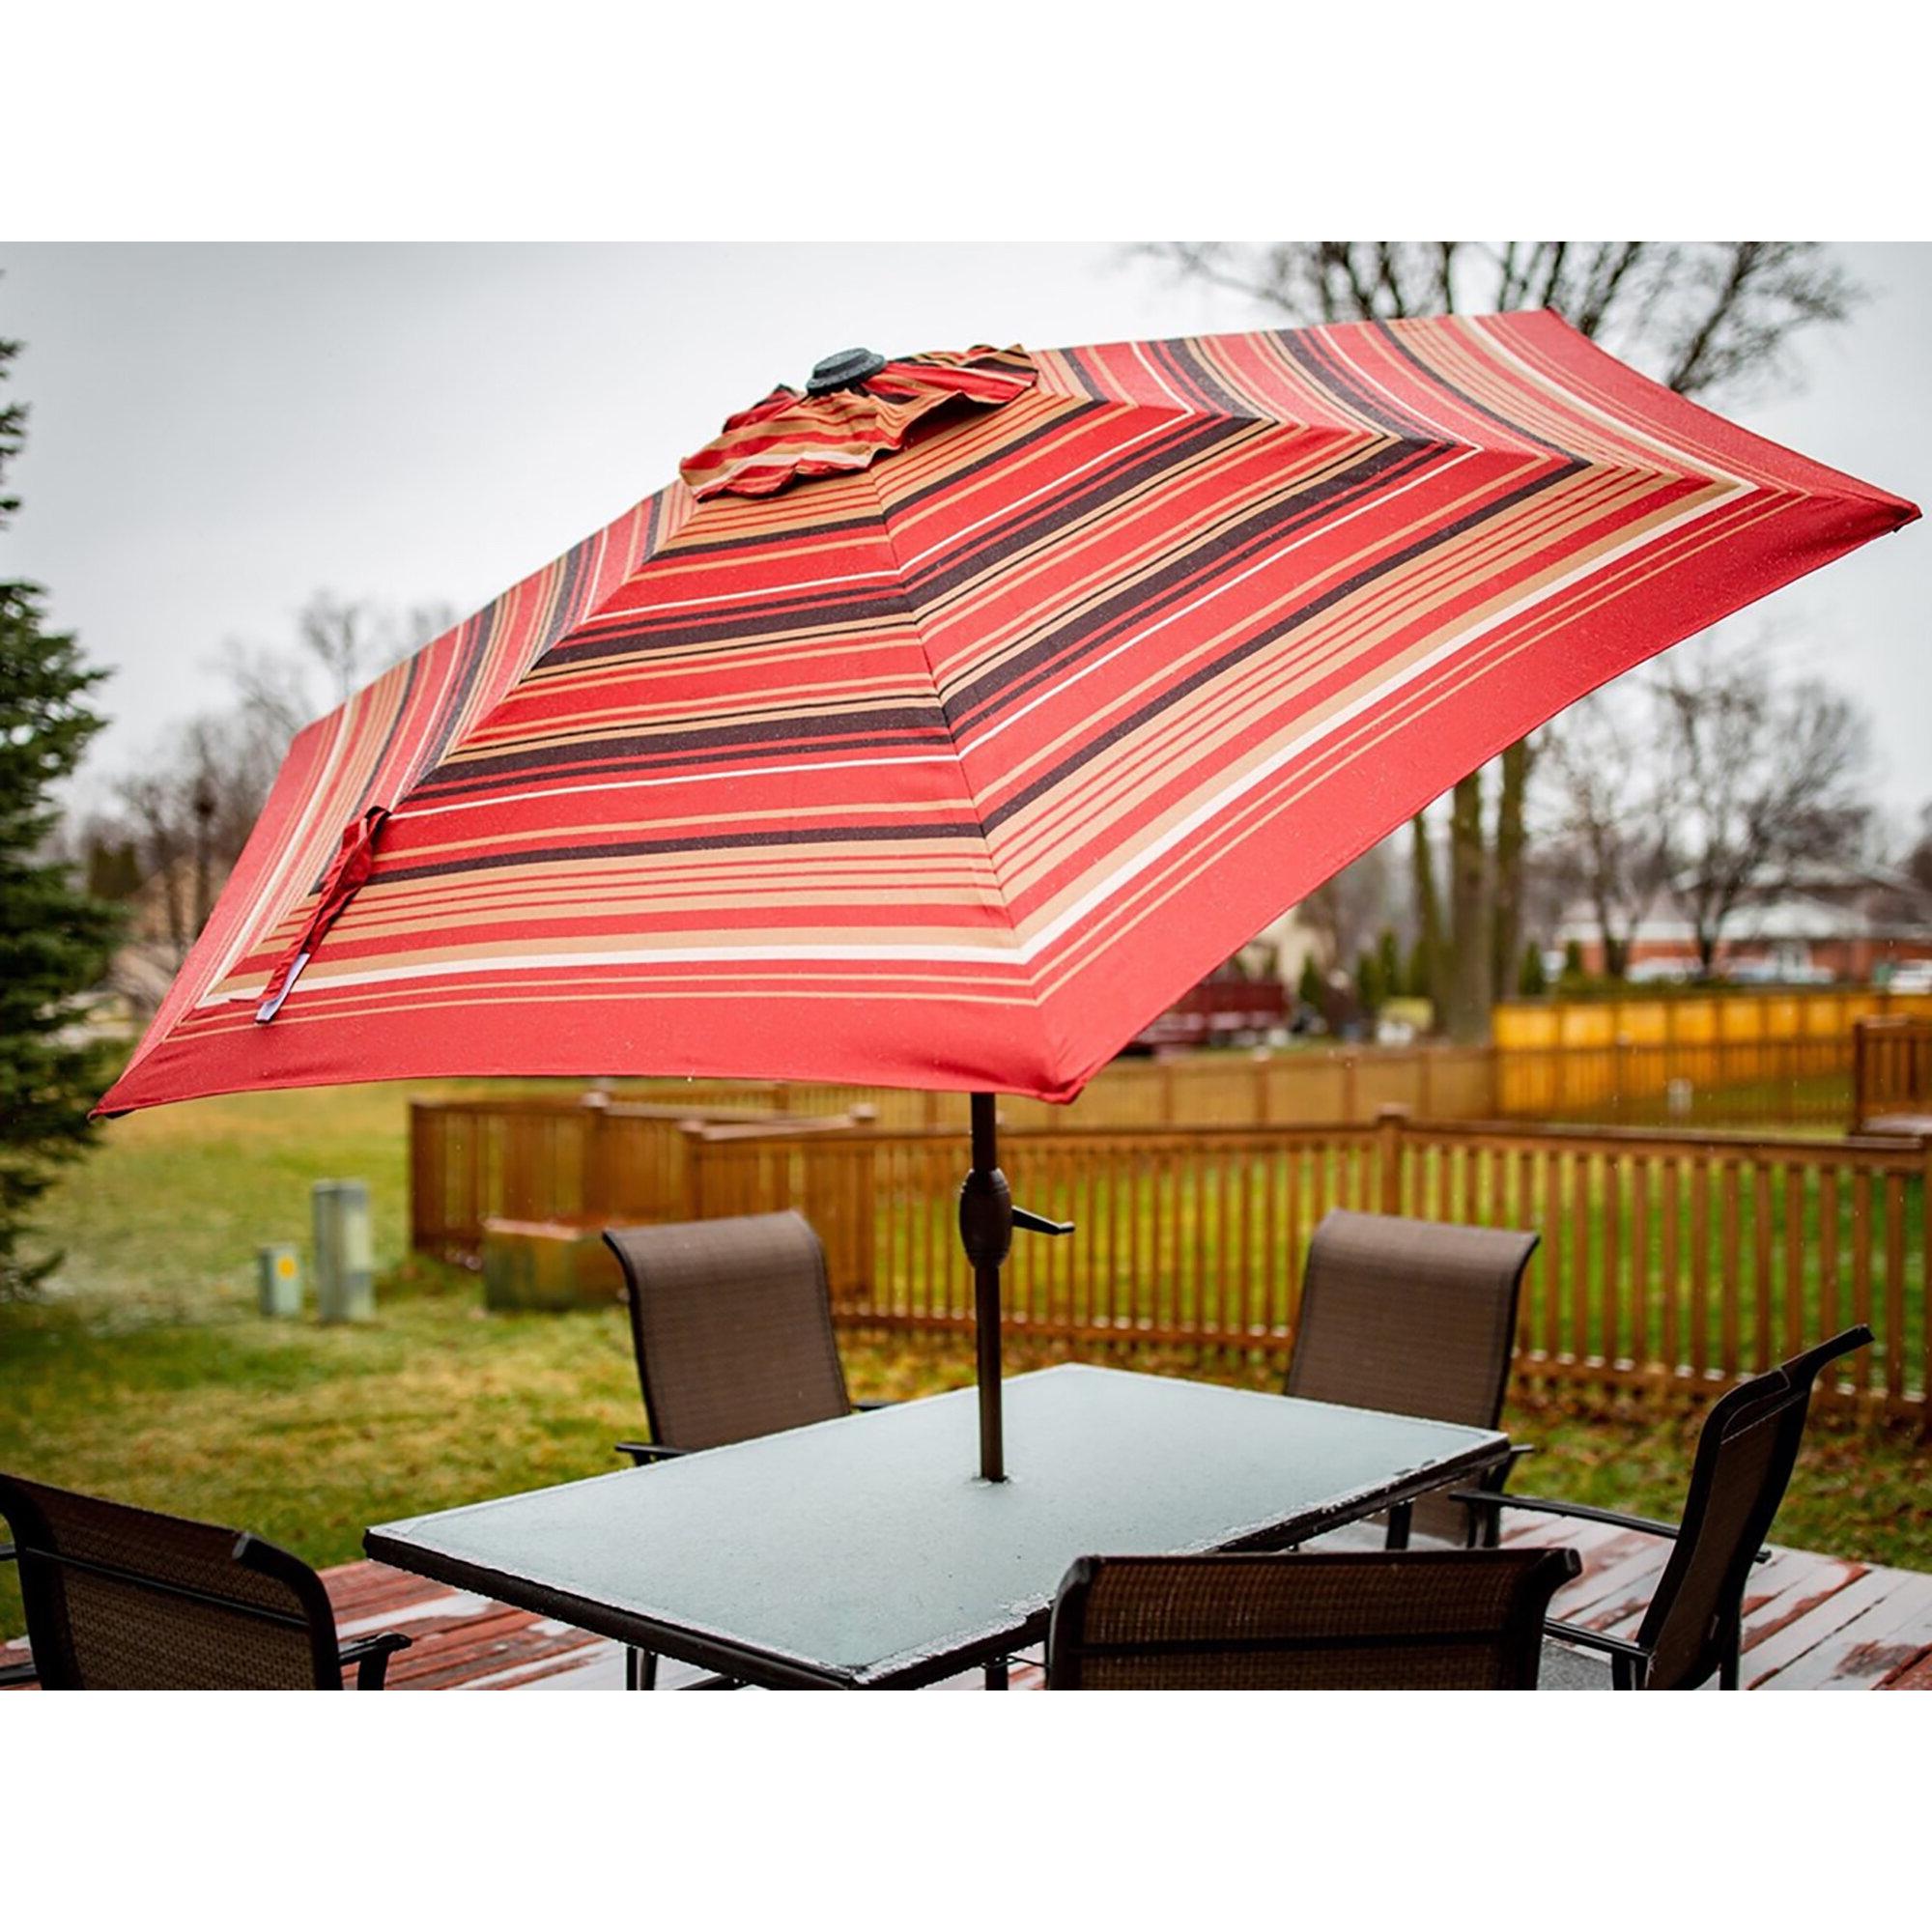 Most Recent Filey 8' Market Umbrella Regarding Flitwick Market Umbrellas (View 15 of 20)